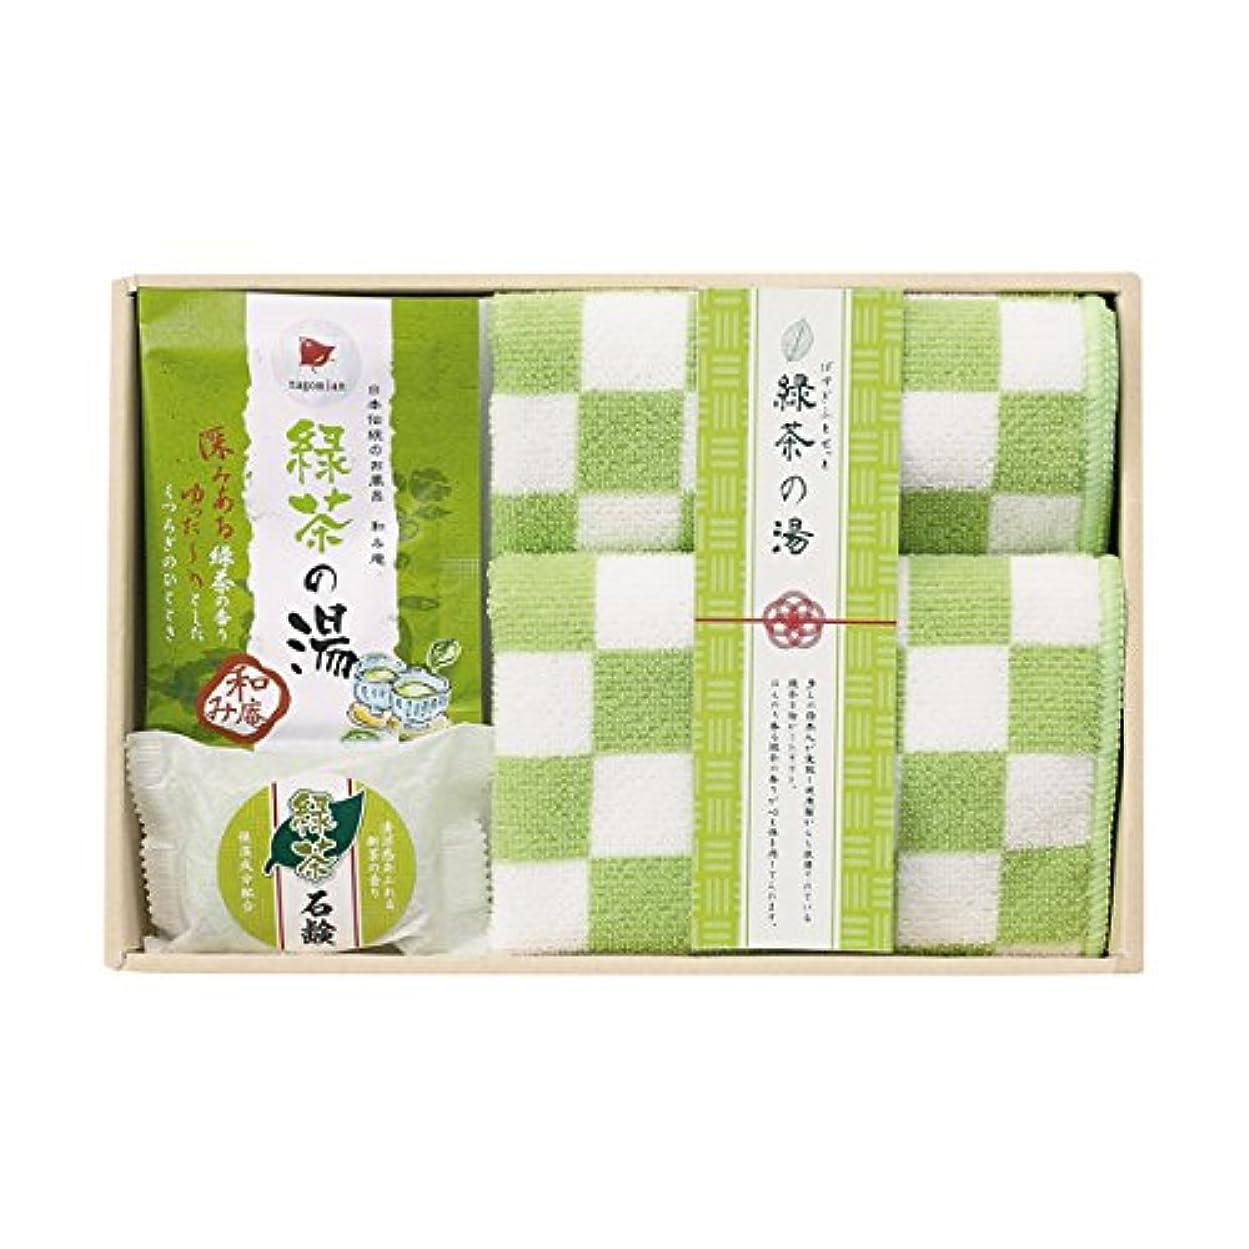 もつれライオン表面緑茶の湯 入浴 セット 334-83